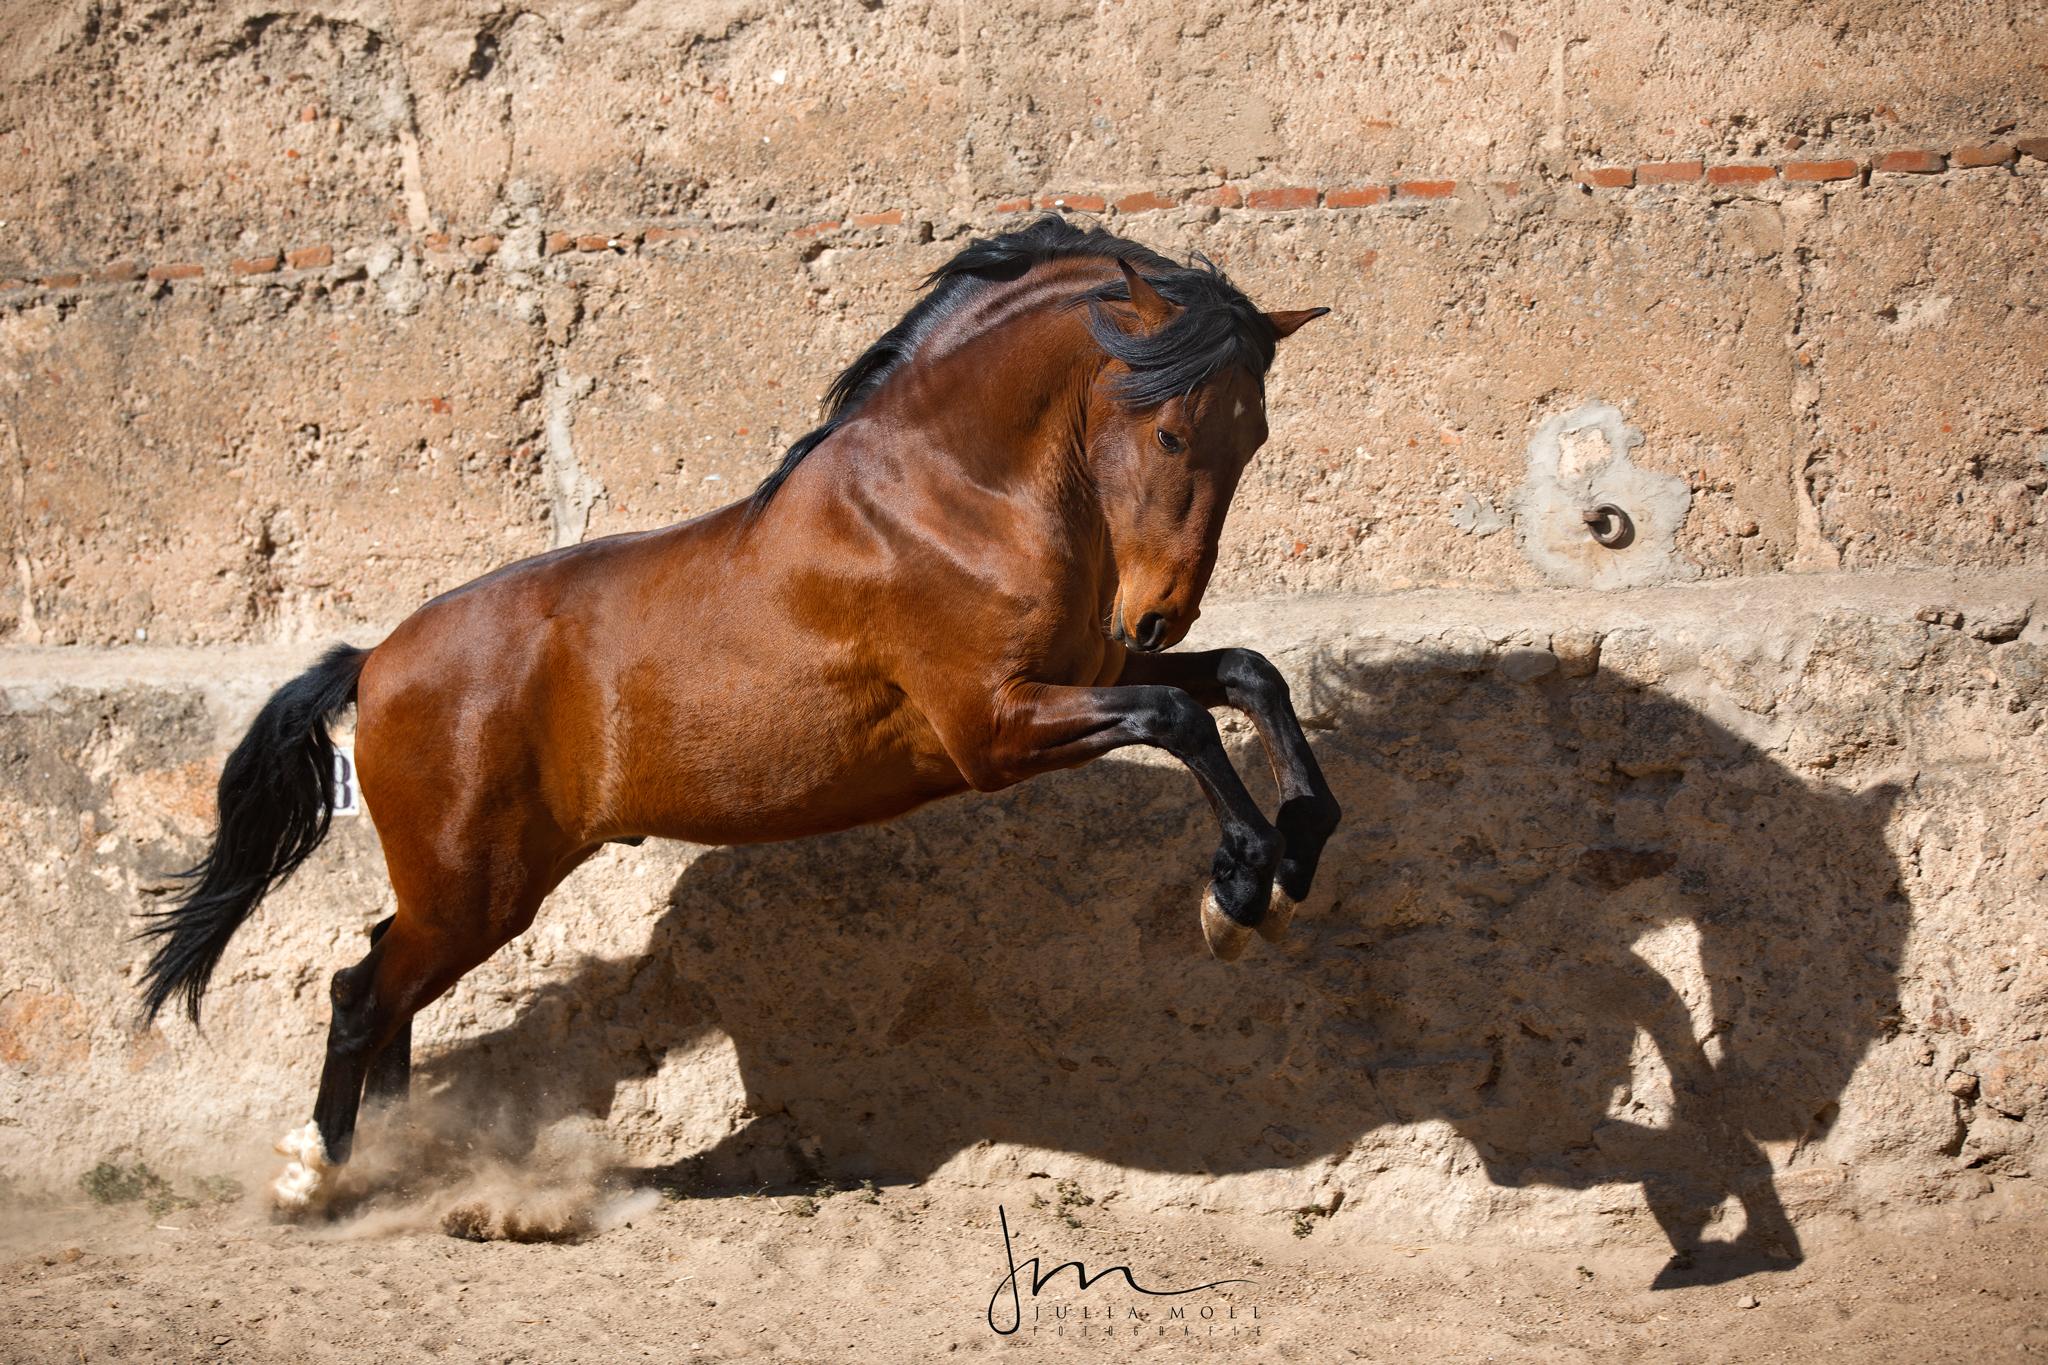 Brauner Pura Raza Española mit seinem Schatten spielend vor rustikaler Steinwand